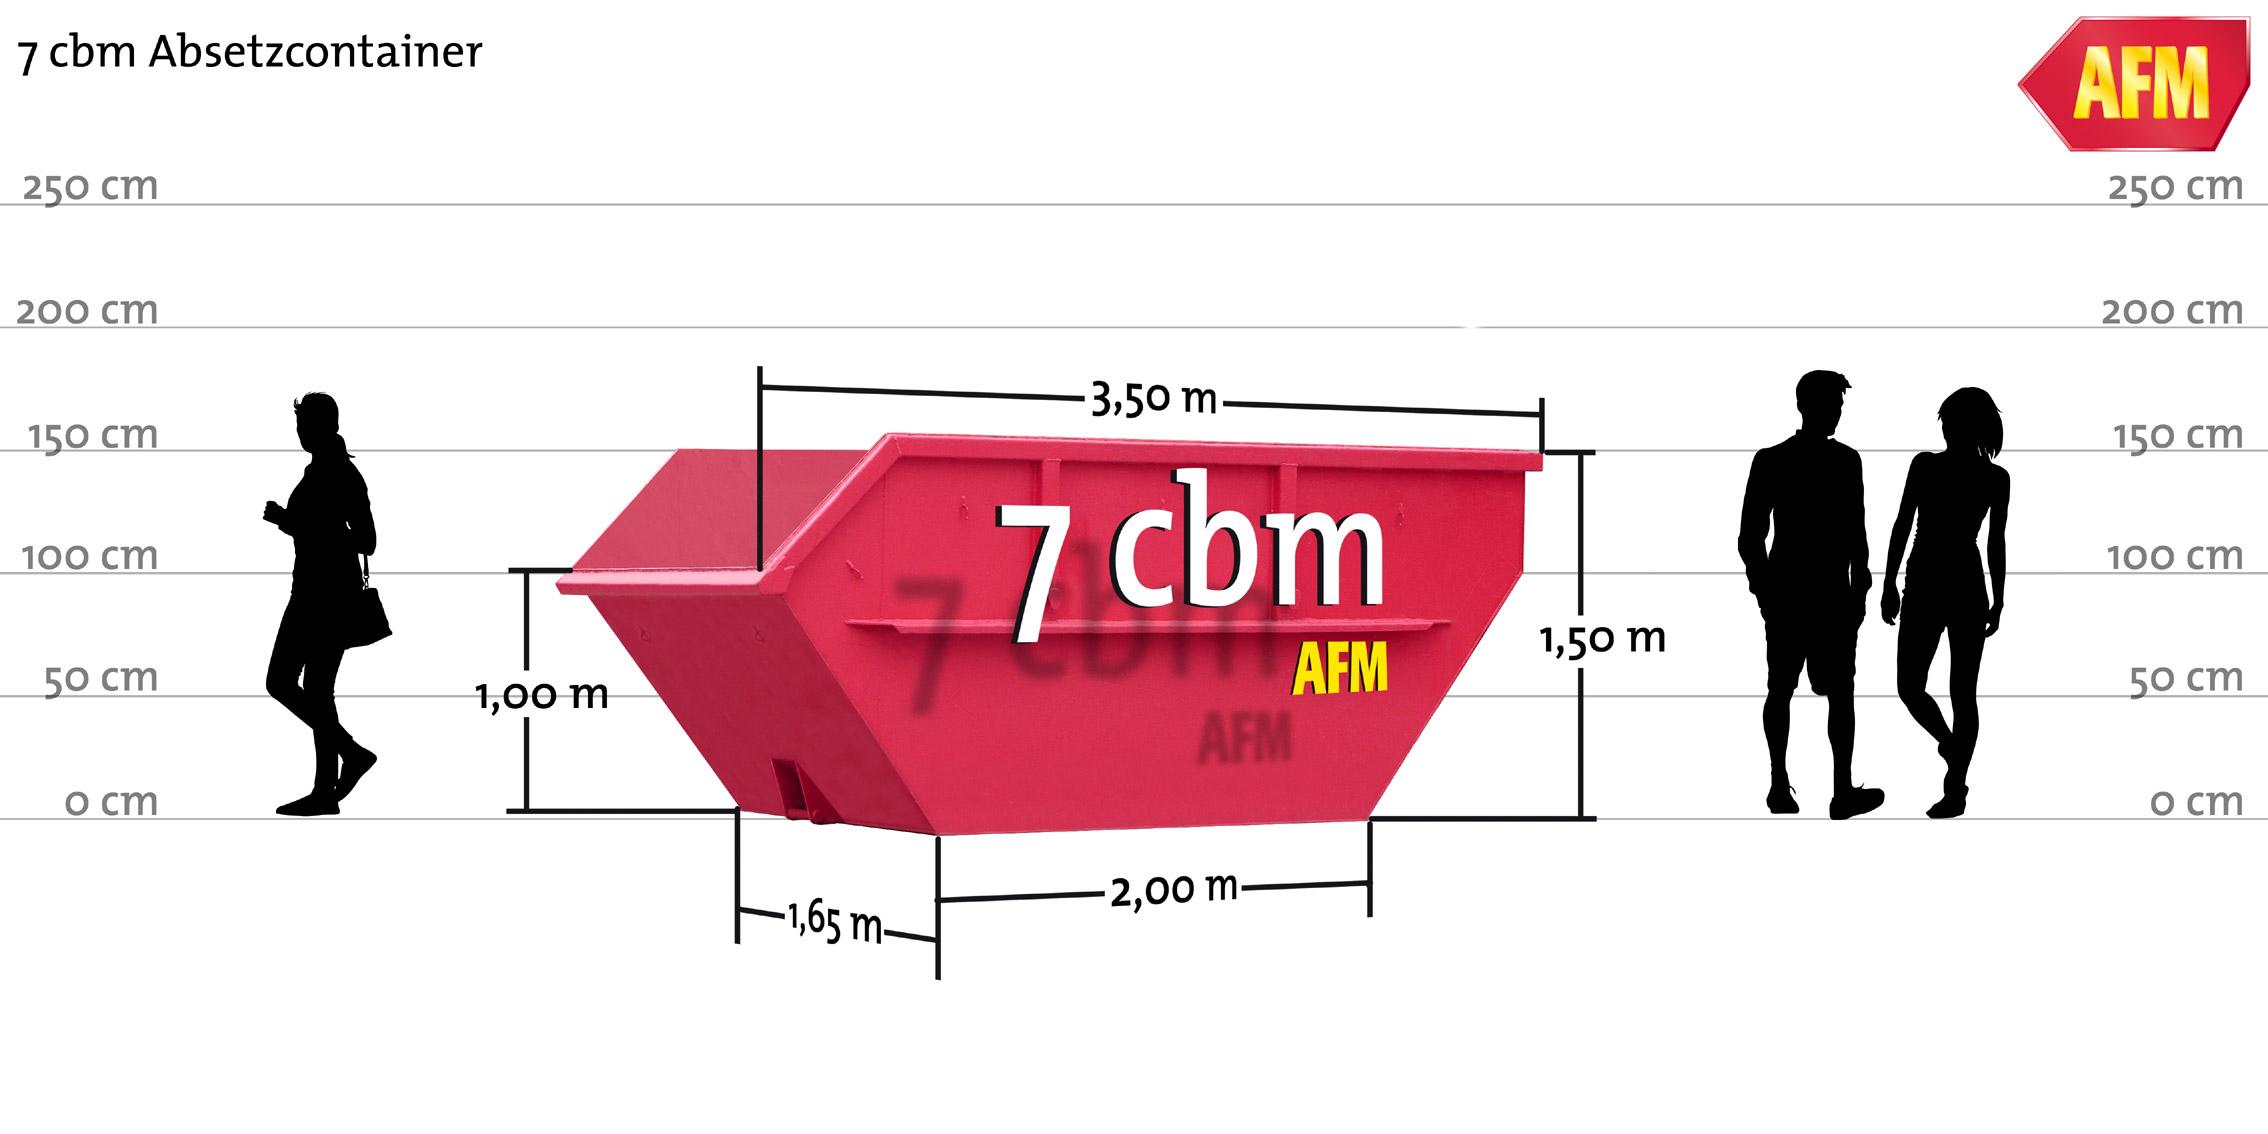 Absetz-Container offen 7cbm